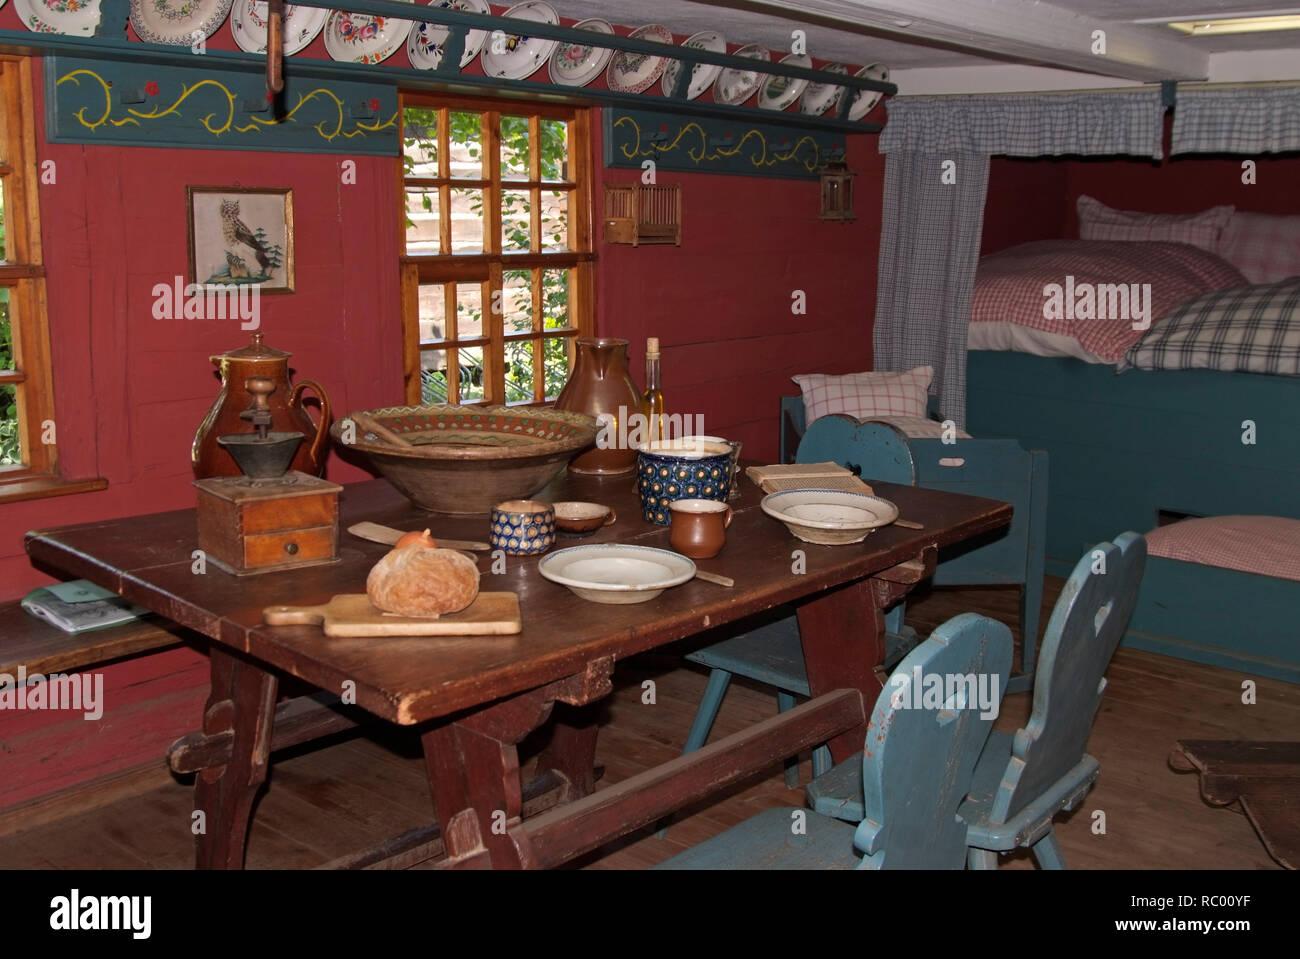 Spreewaldmuseum Lehde, Spreewald, Landkreis Oberspreewald-Lausitzkreis, Land Brandenburg, Deutschland, Europa | Spreewaldmuseum Lehde, Spreewald, dist - Stock Image